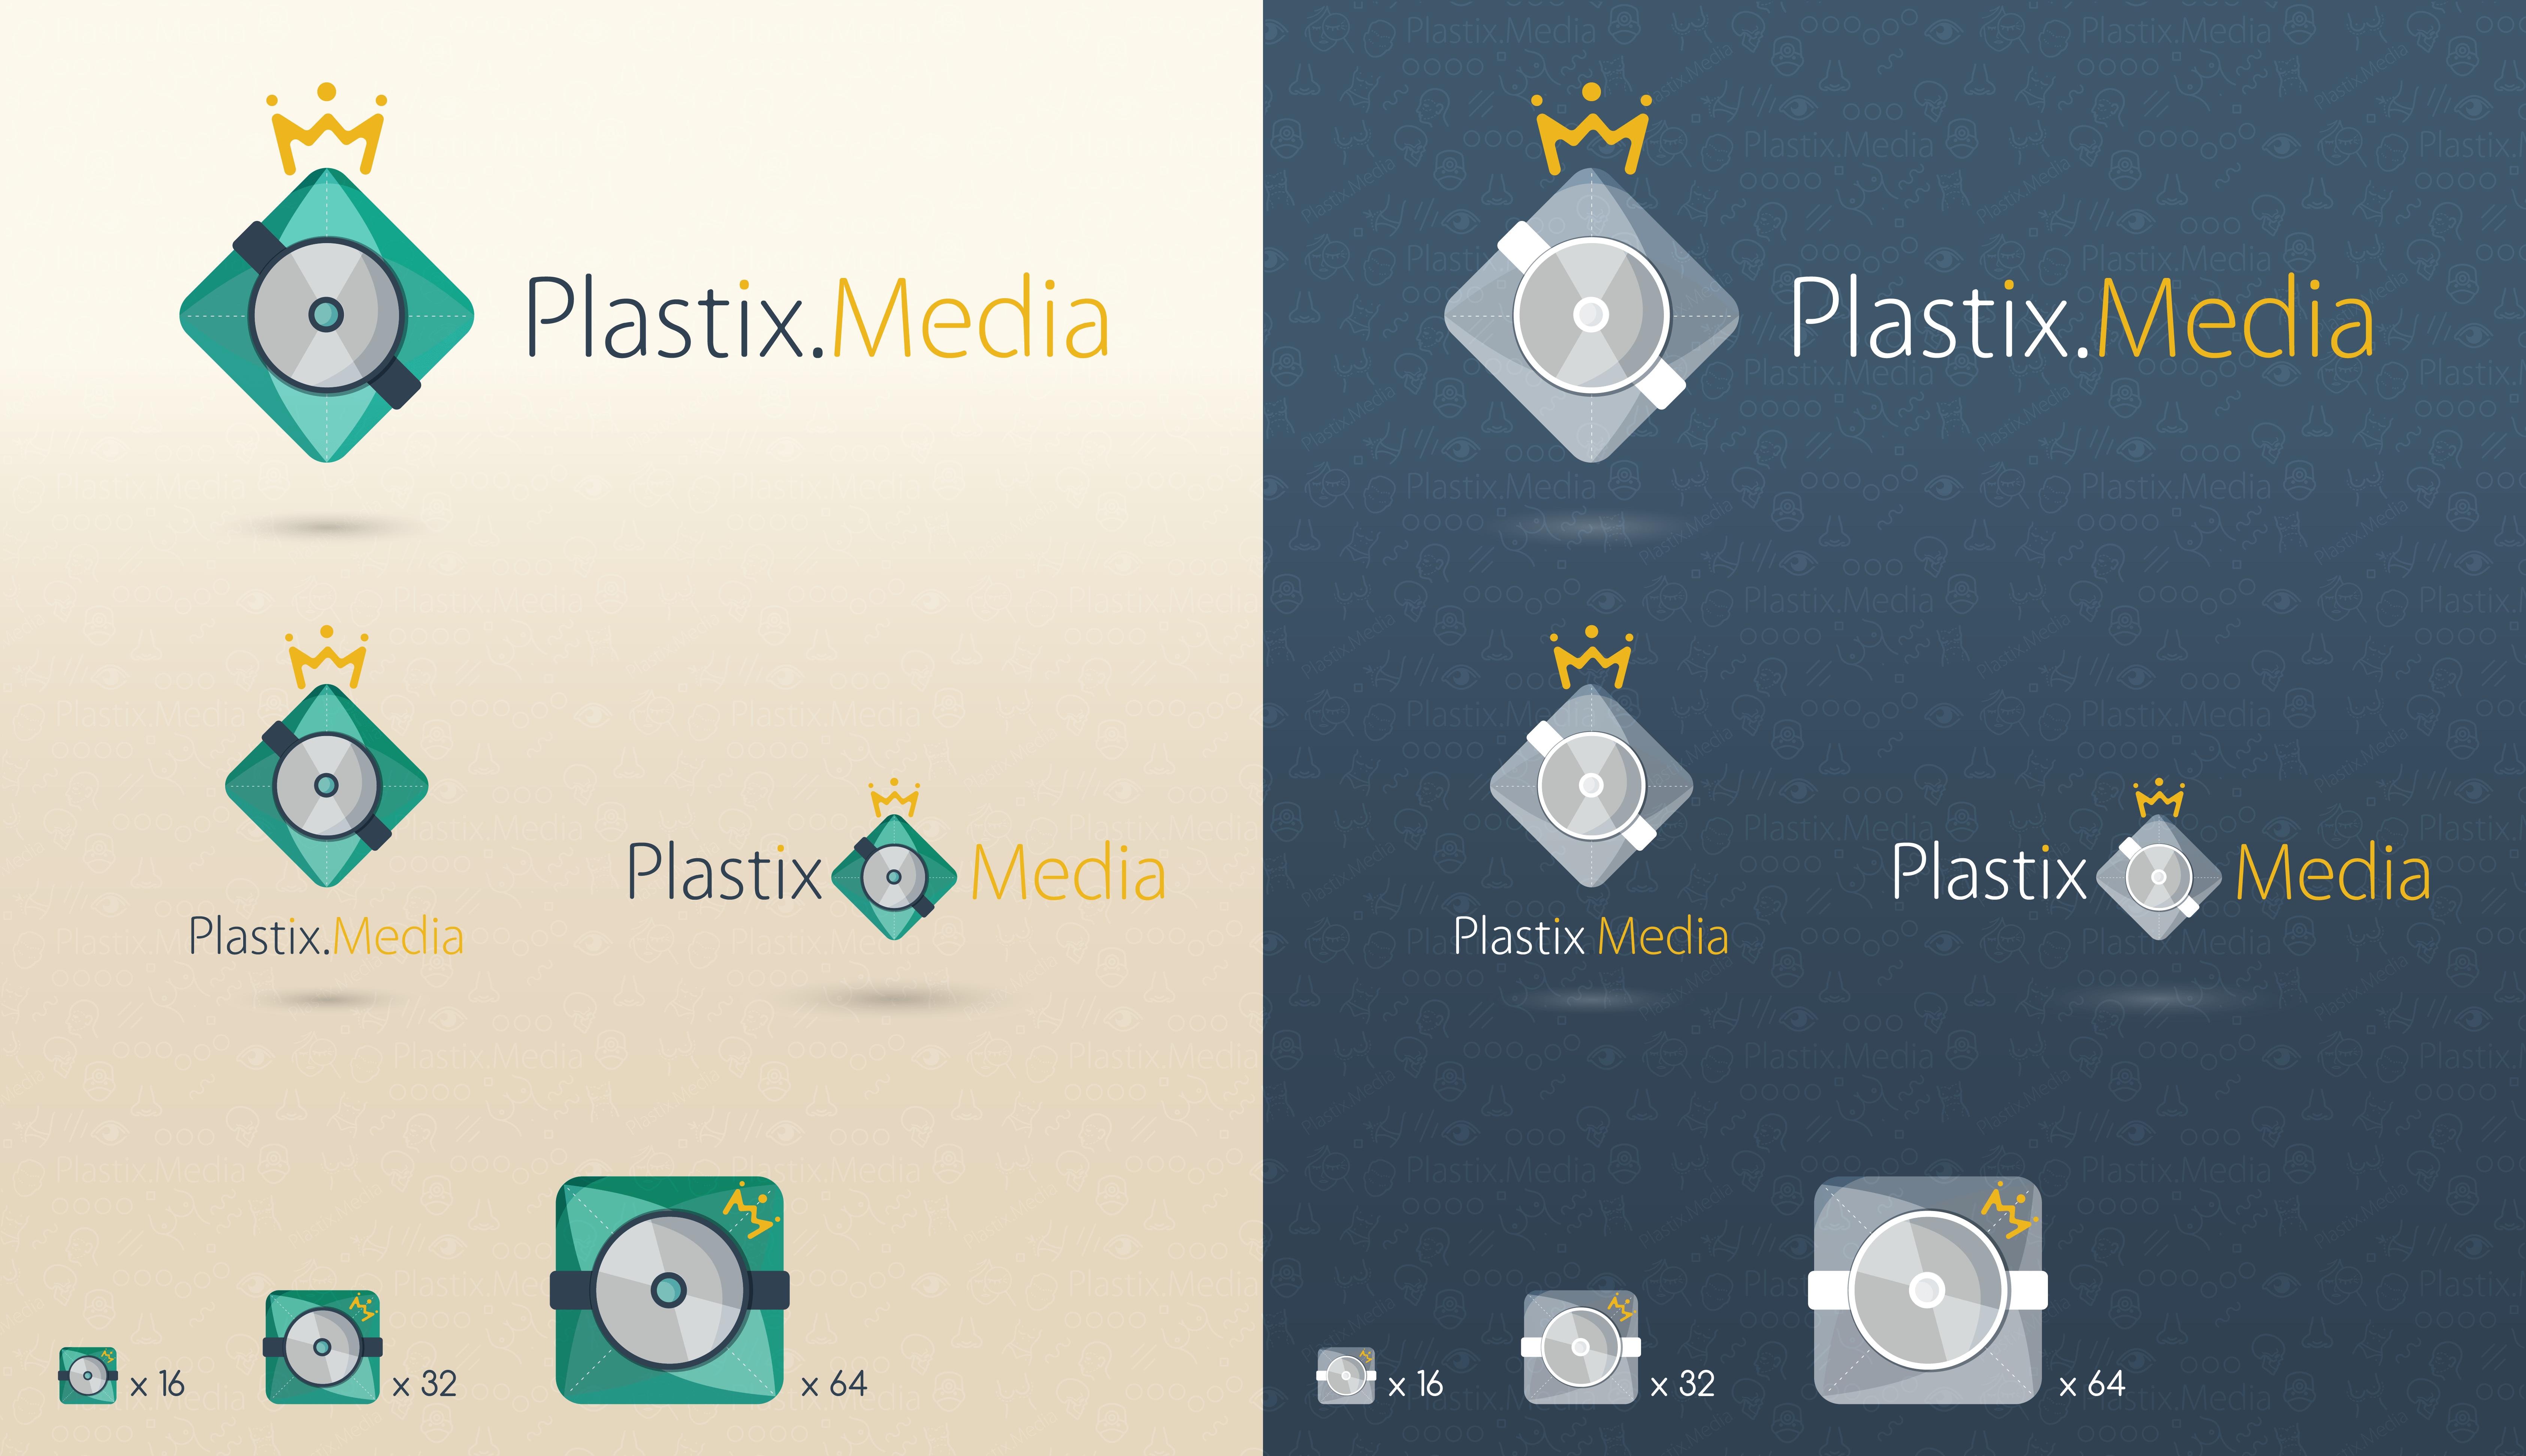 Разработка пакета айдентики Plastix.Media фото f_752598d92c0c3d4d.png